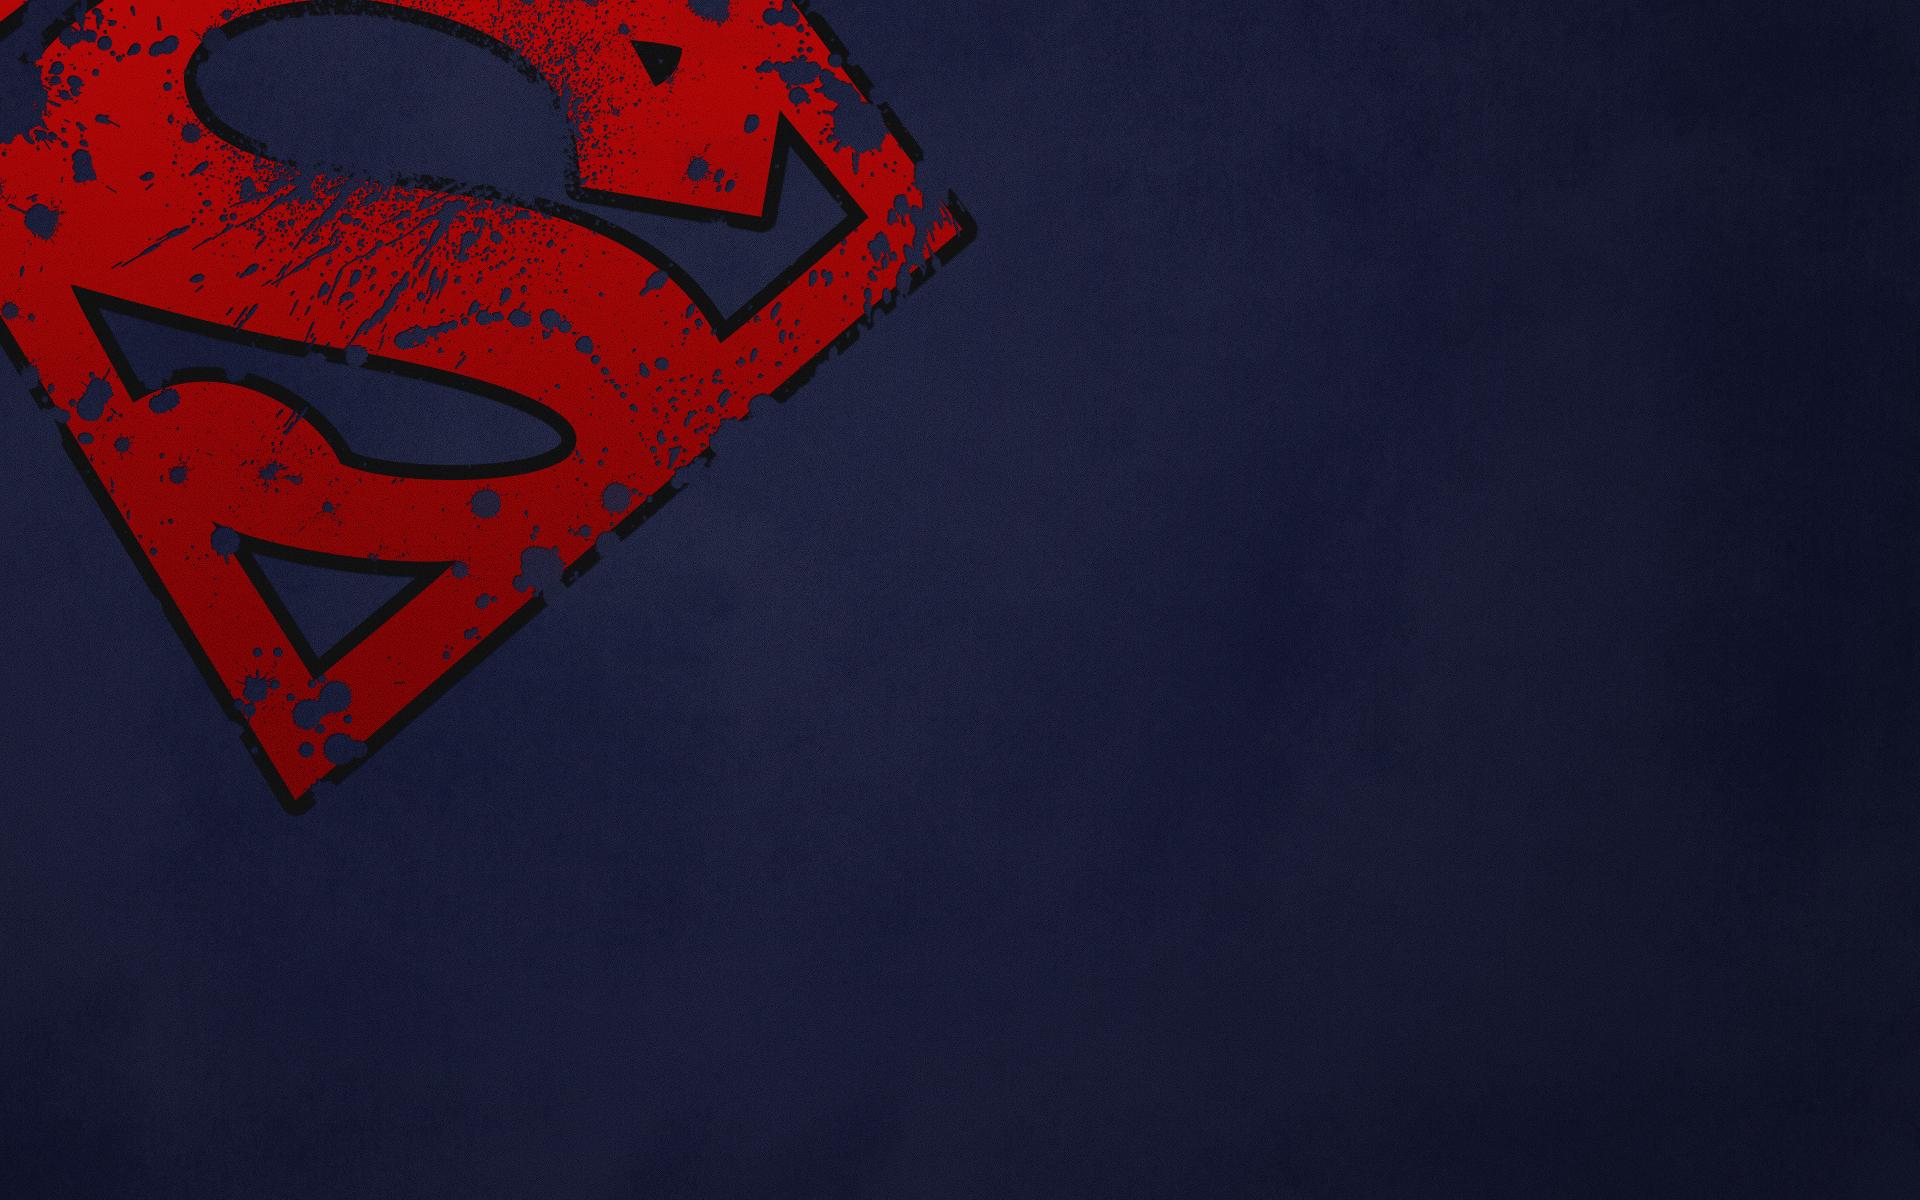 dc  ics superman superman logo wallpaper 1920x1200